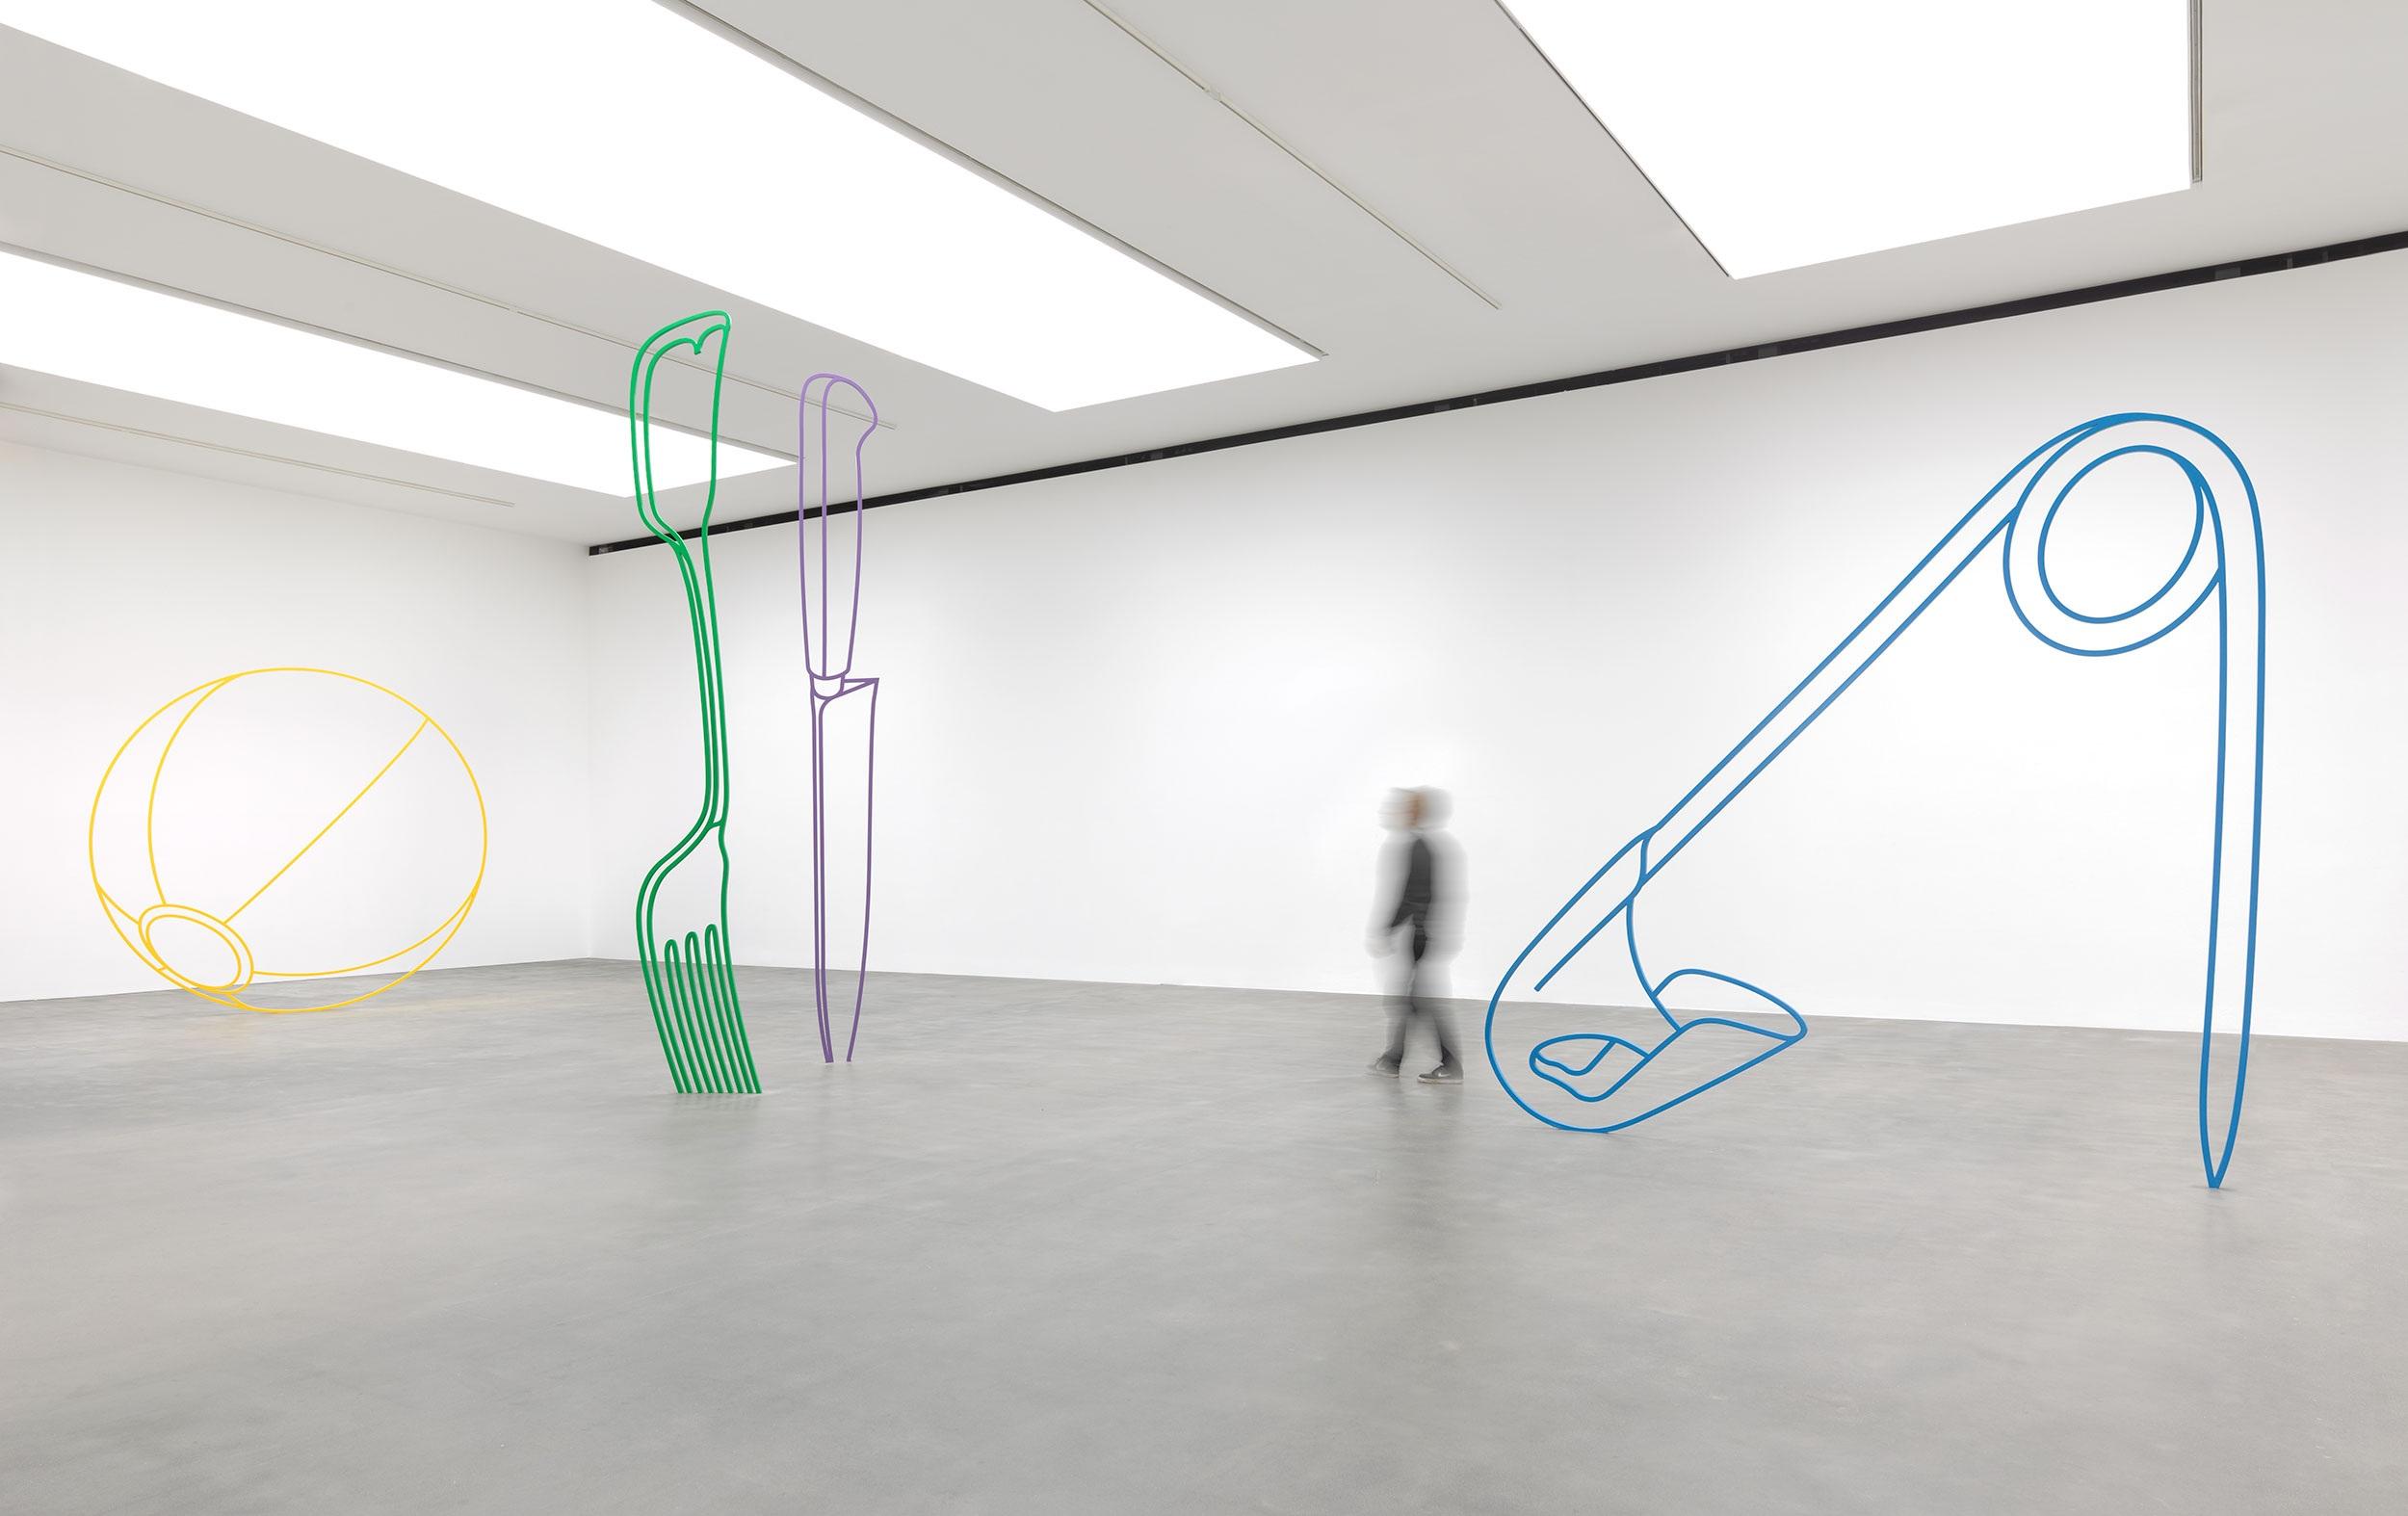 CRAIG-2019-Sculpture-Installation-view-G-(with-figure).jpg